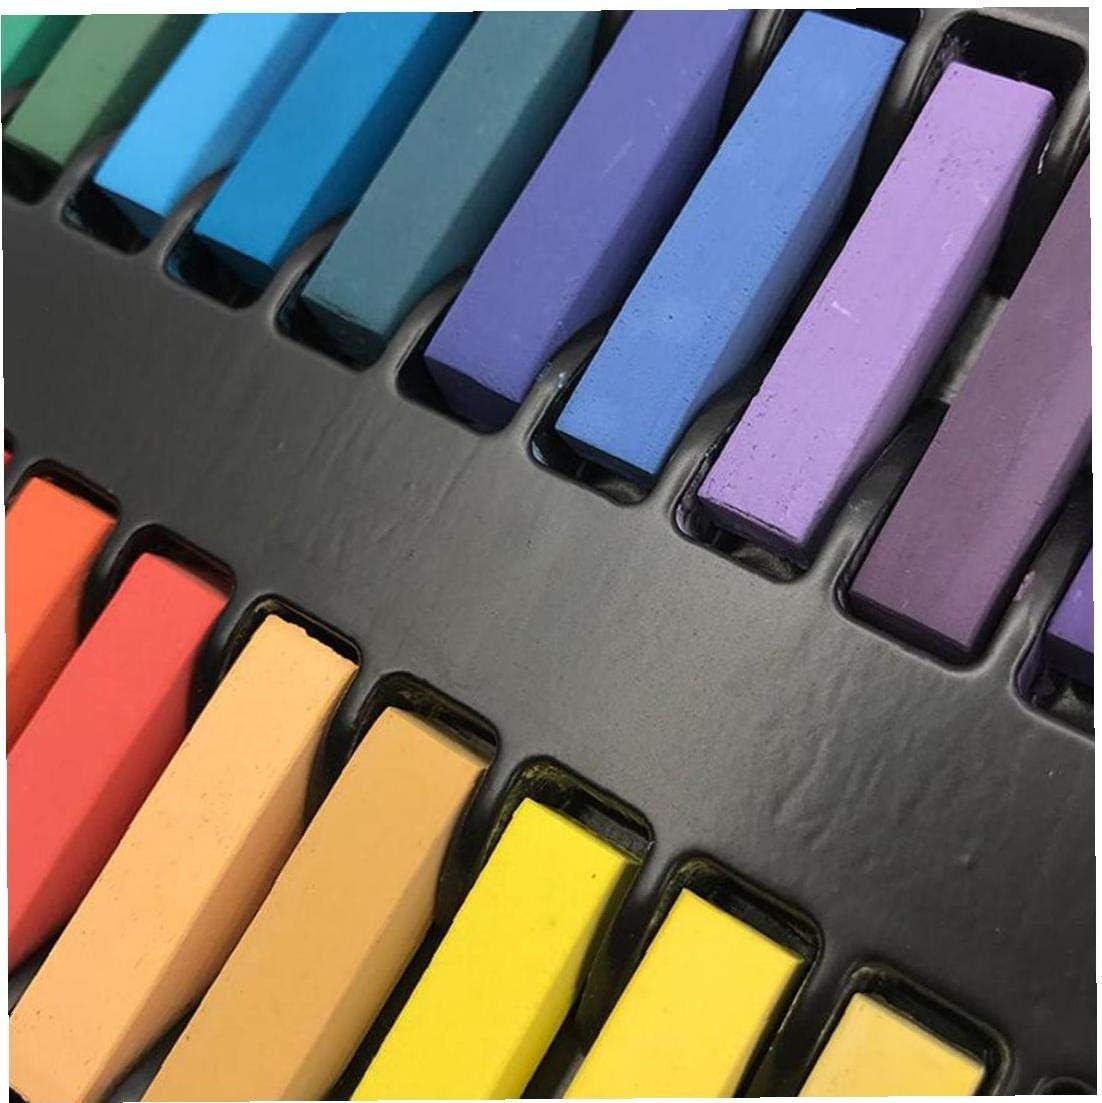 FEDSJUIHYG 36 Farben Masters Haarf/ärbung Pastelle Kreide Sets Haar-Kreide-Pastelle DIY Temporary Coloring Kreidung Dye Trend Hair Coloring Pastels